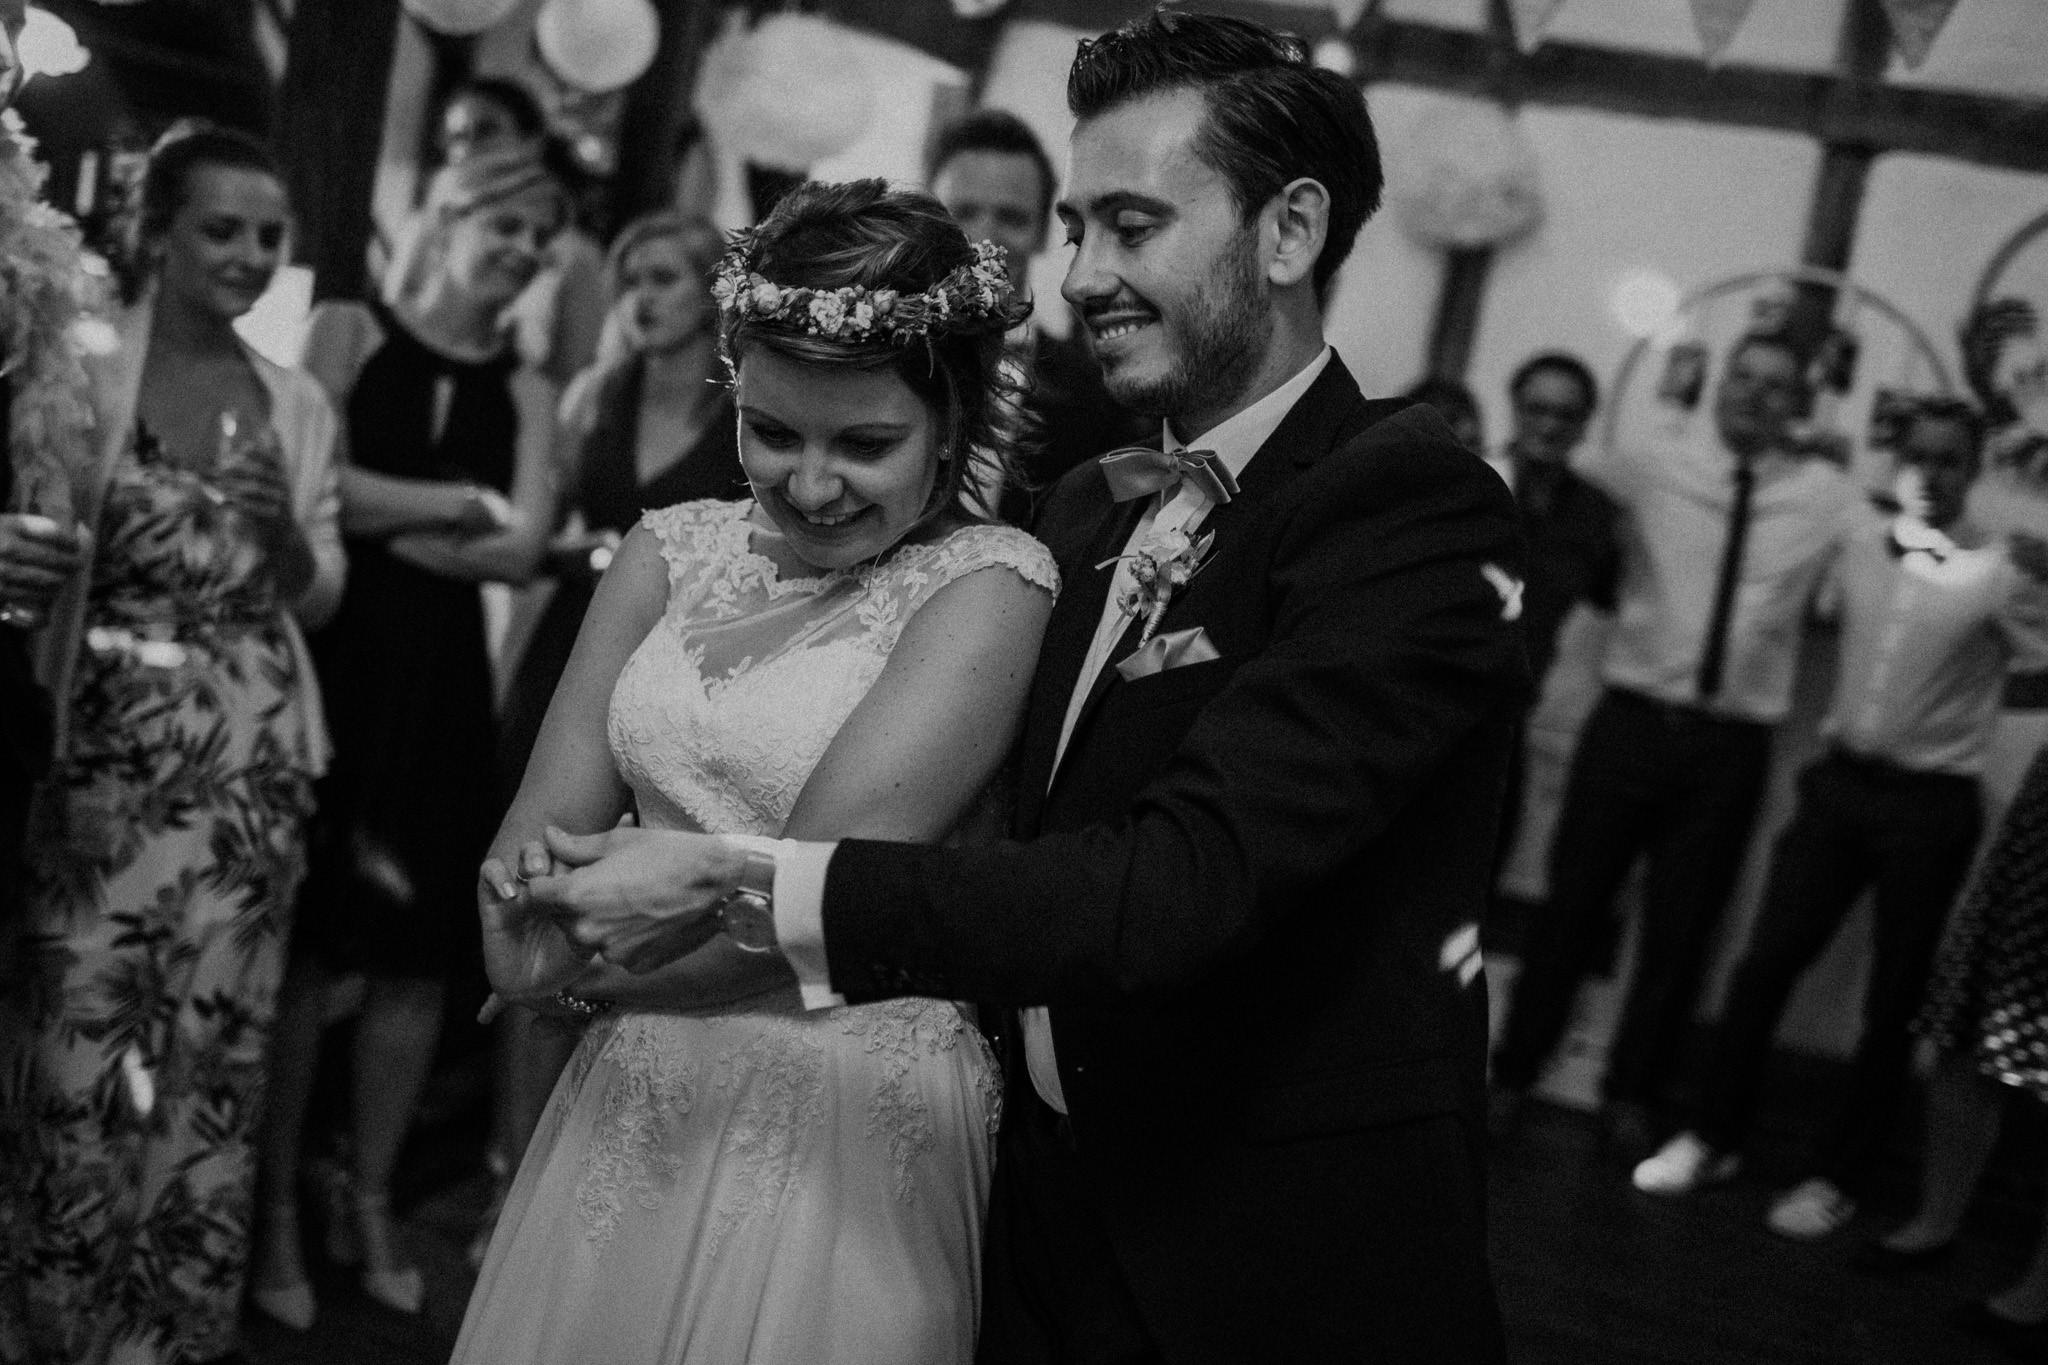 Hochzeitsfotograf jens wenzel 170 JW1 7331 neu